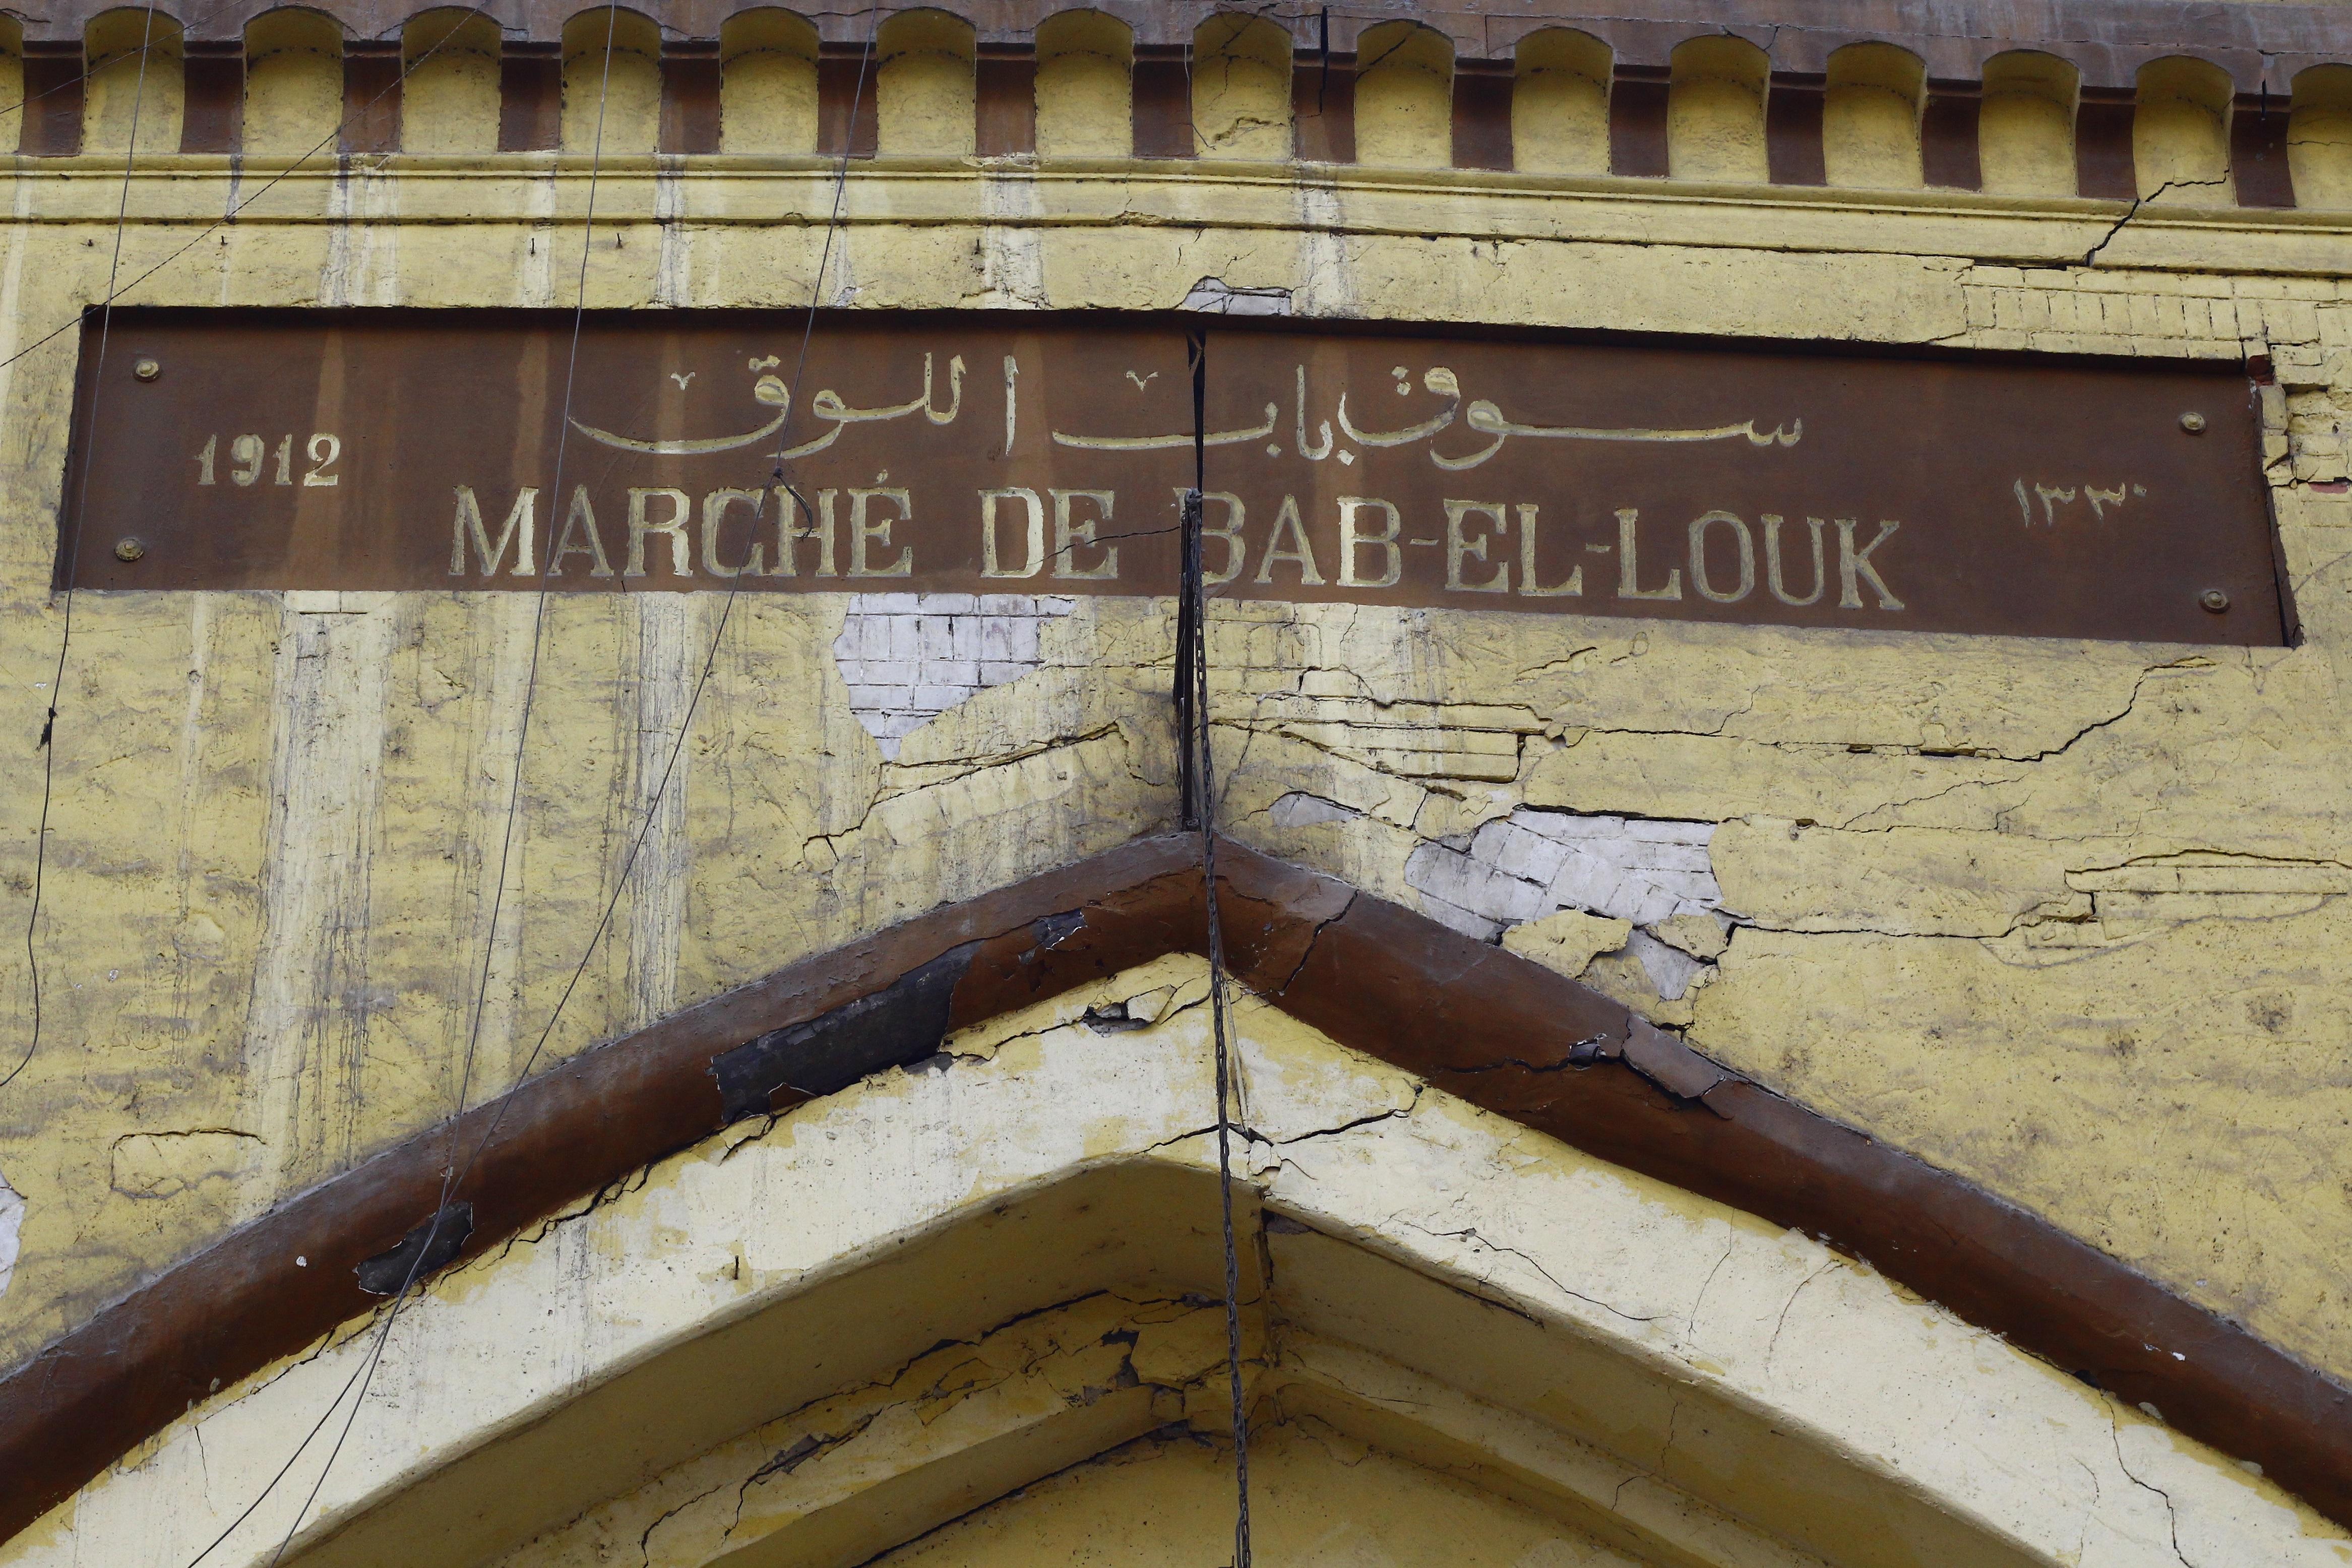 واجهة سوق باب اللوق - تصوير: صديق البخشونجي